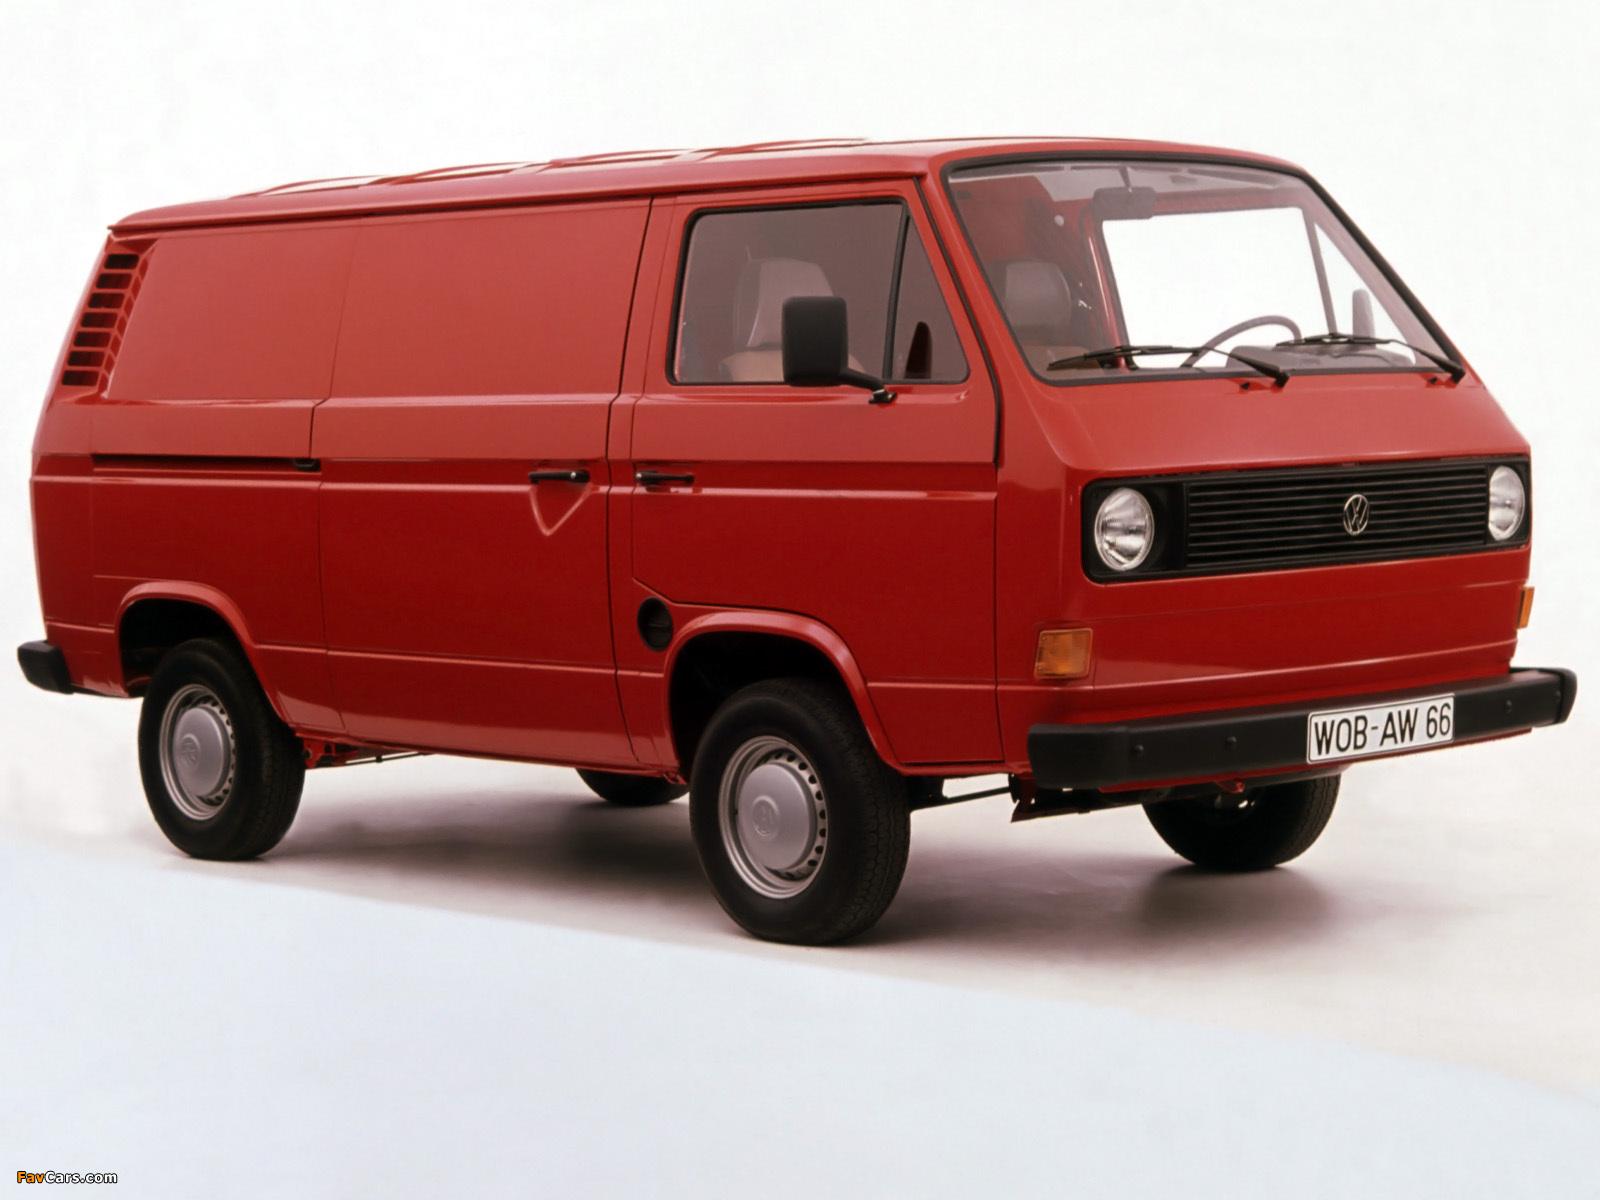 photos of volkswagen t3 transporter van 1979 92 1600x1200. Black Bedroom Furniture Sets. Home Design Ideas